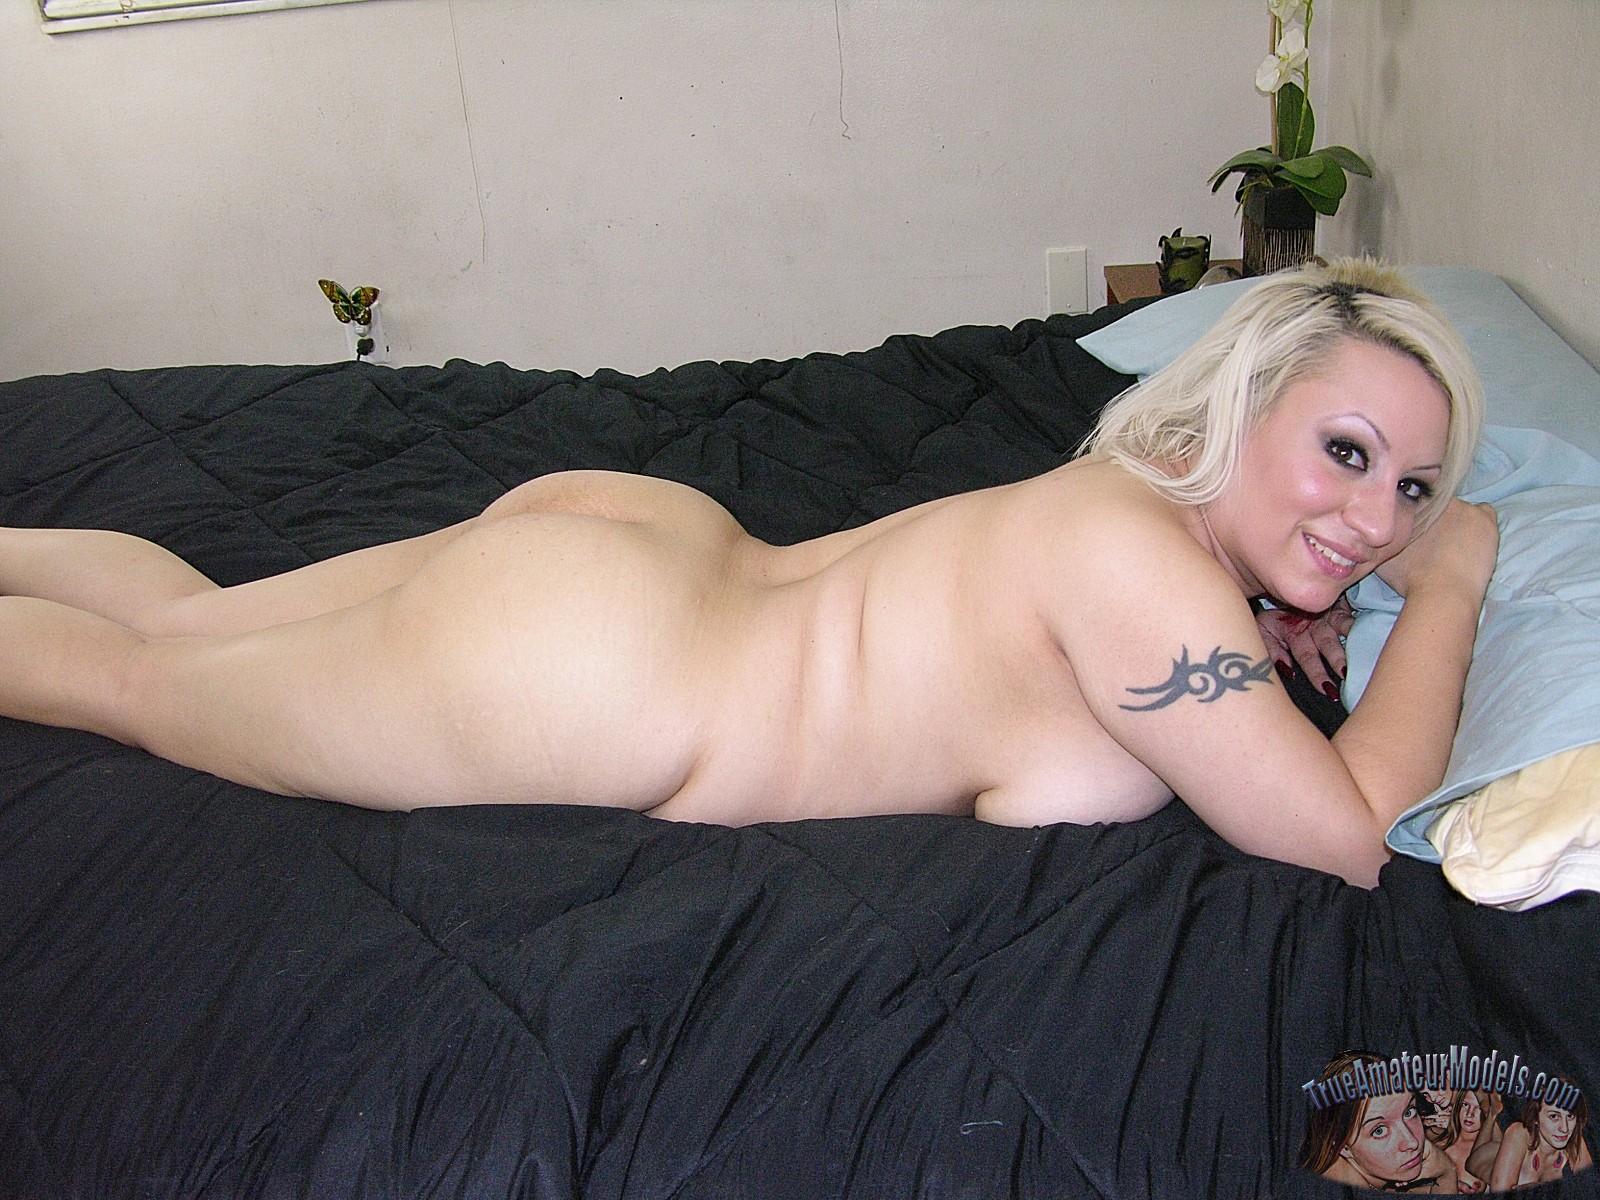 ogolone cipki porno pic